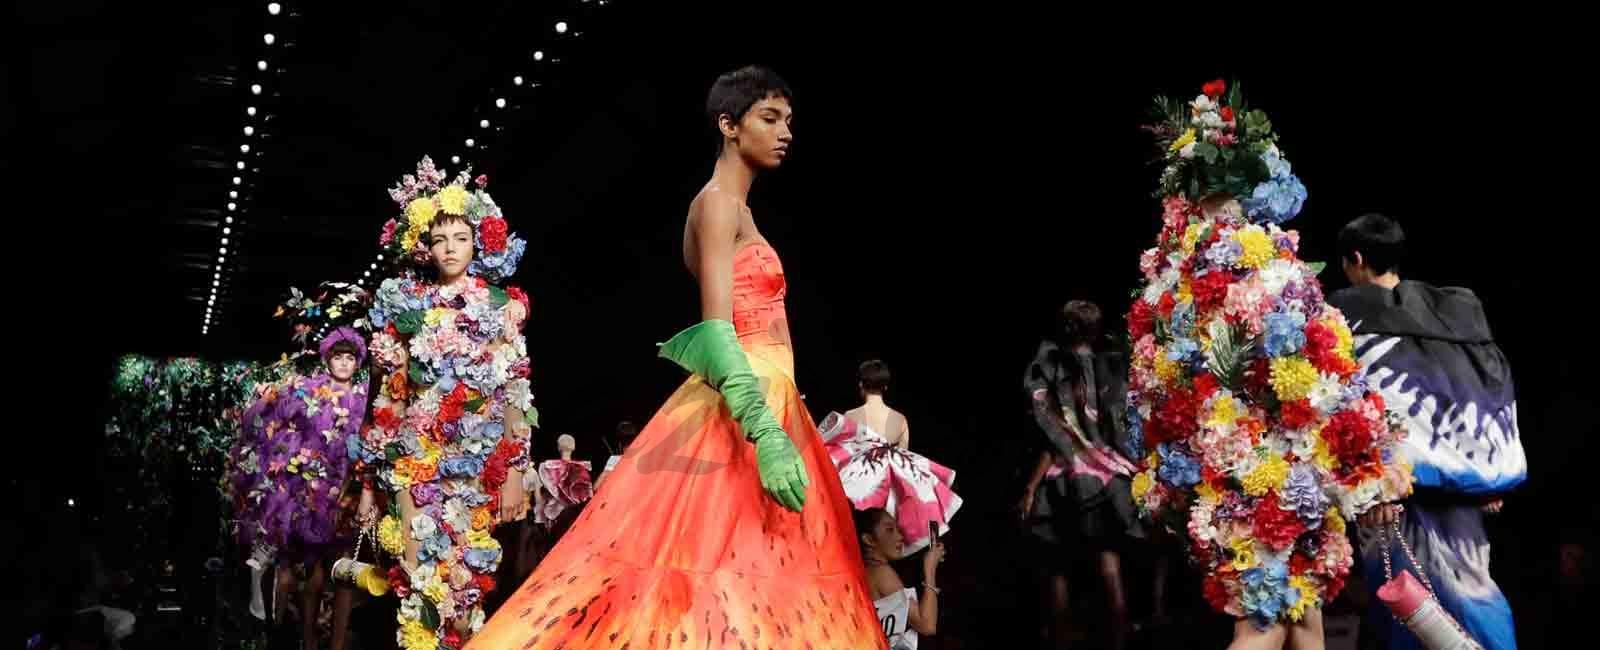 Milan Fashion Week: Moschino Primavera Verano 2018